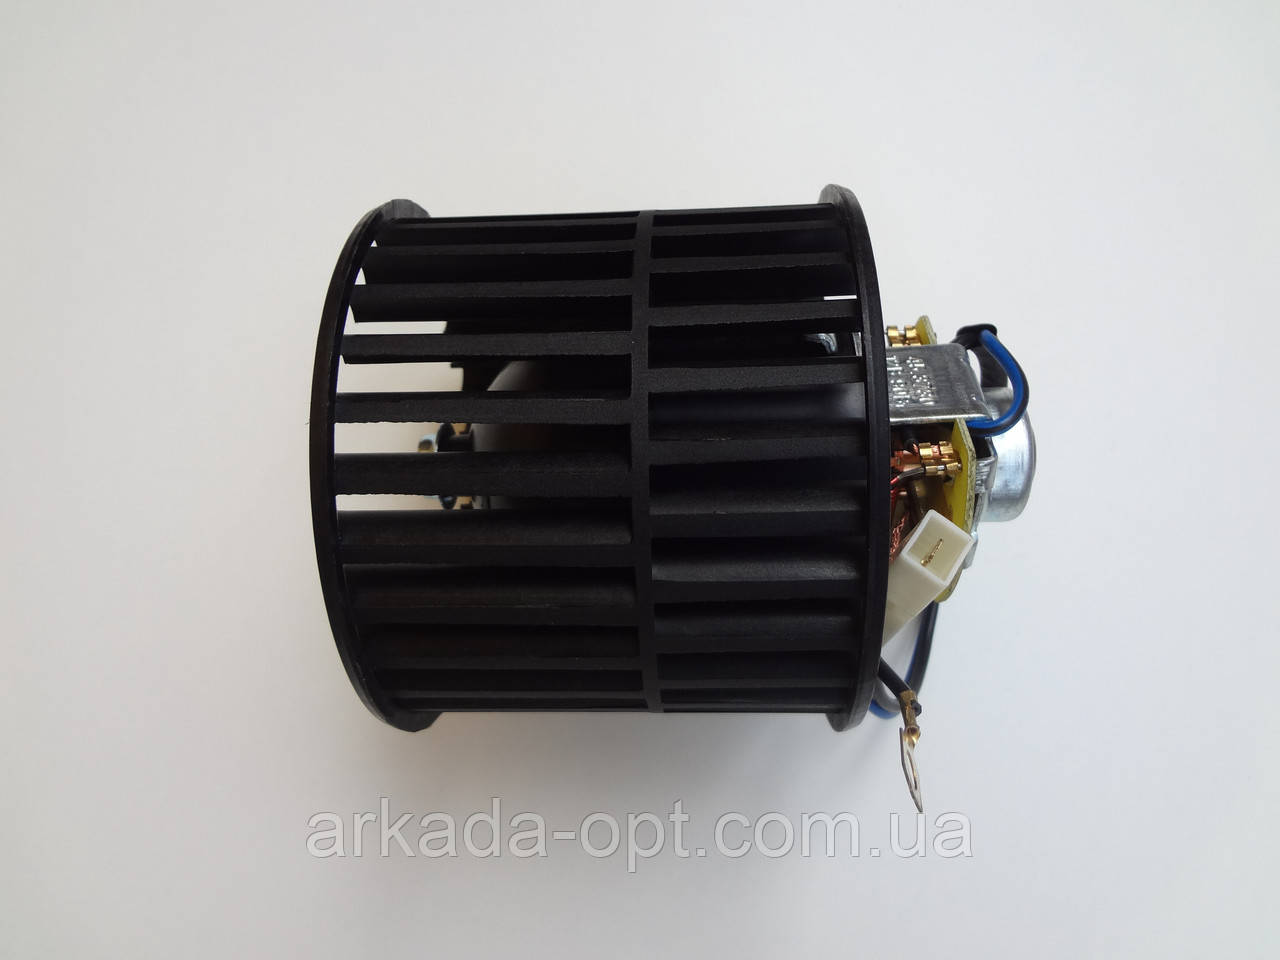 Вентилятор печки мотор отопителя ВАЗ 2108 21099 2113 2115 ДК